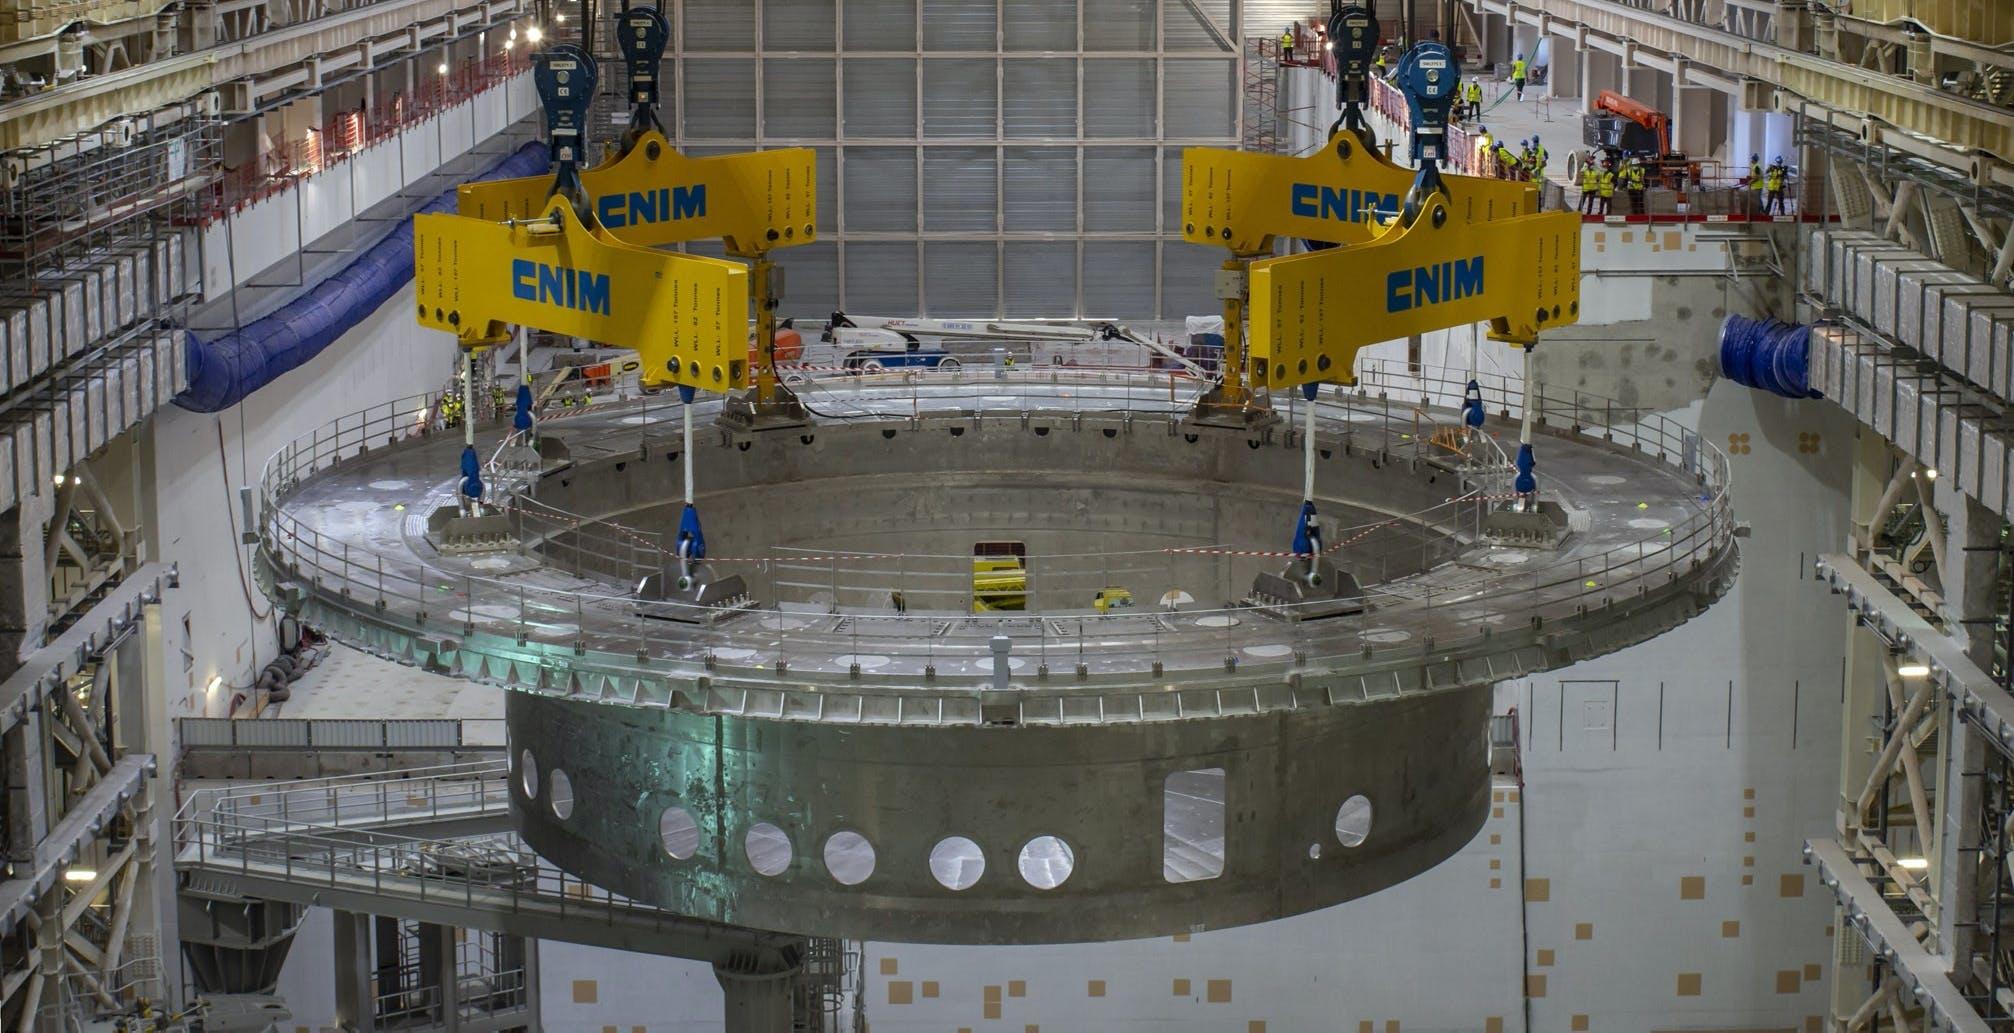 Installato il primo componente di ITER, il reattore a fusione nucleare più grande del mondo